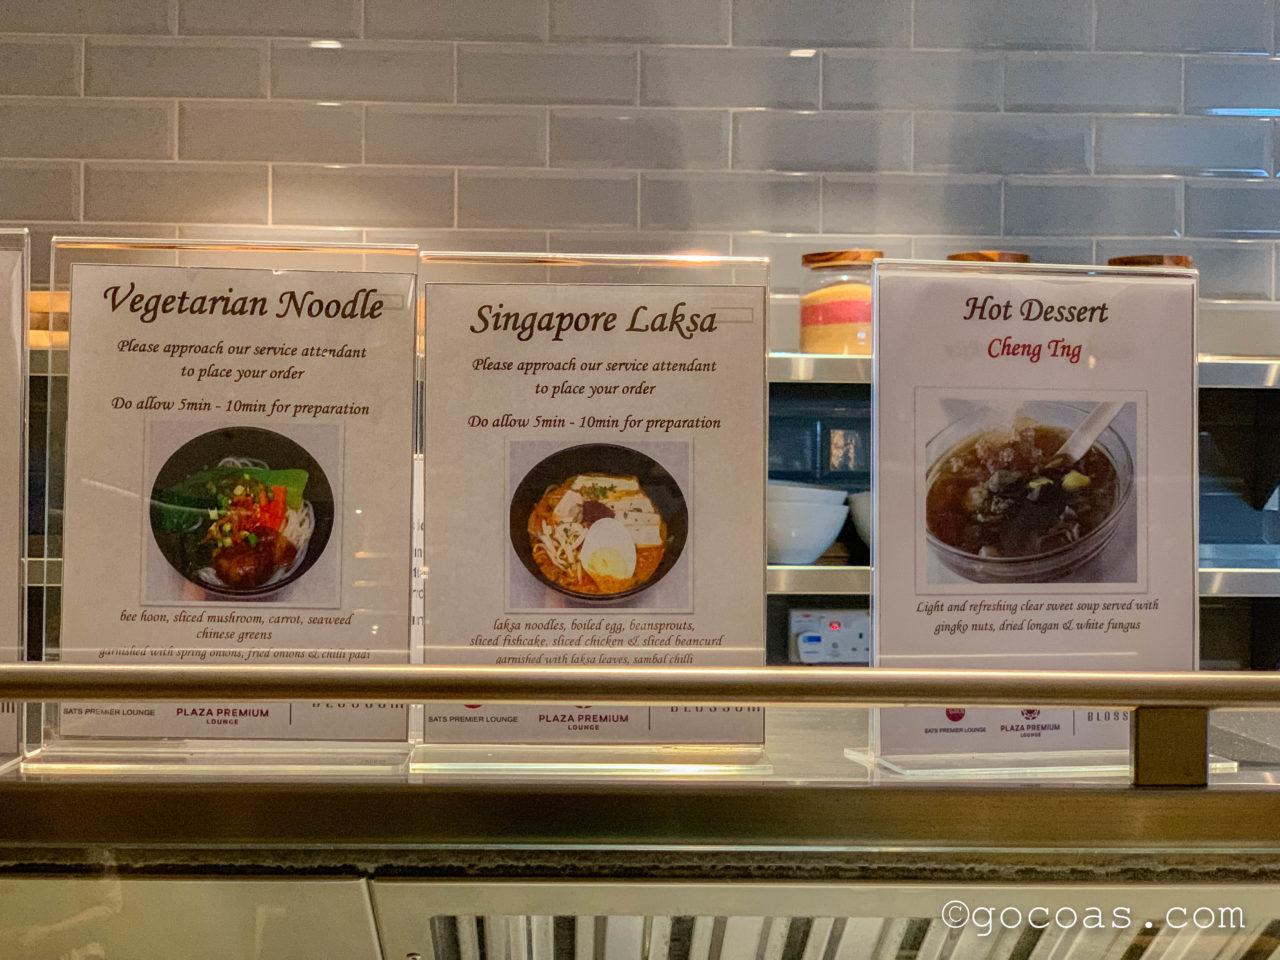 シンガポール・チャンギ国際空港内のBLOSSOM LOUNGEのビュッフェコーナーのメニュー